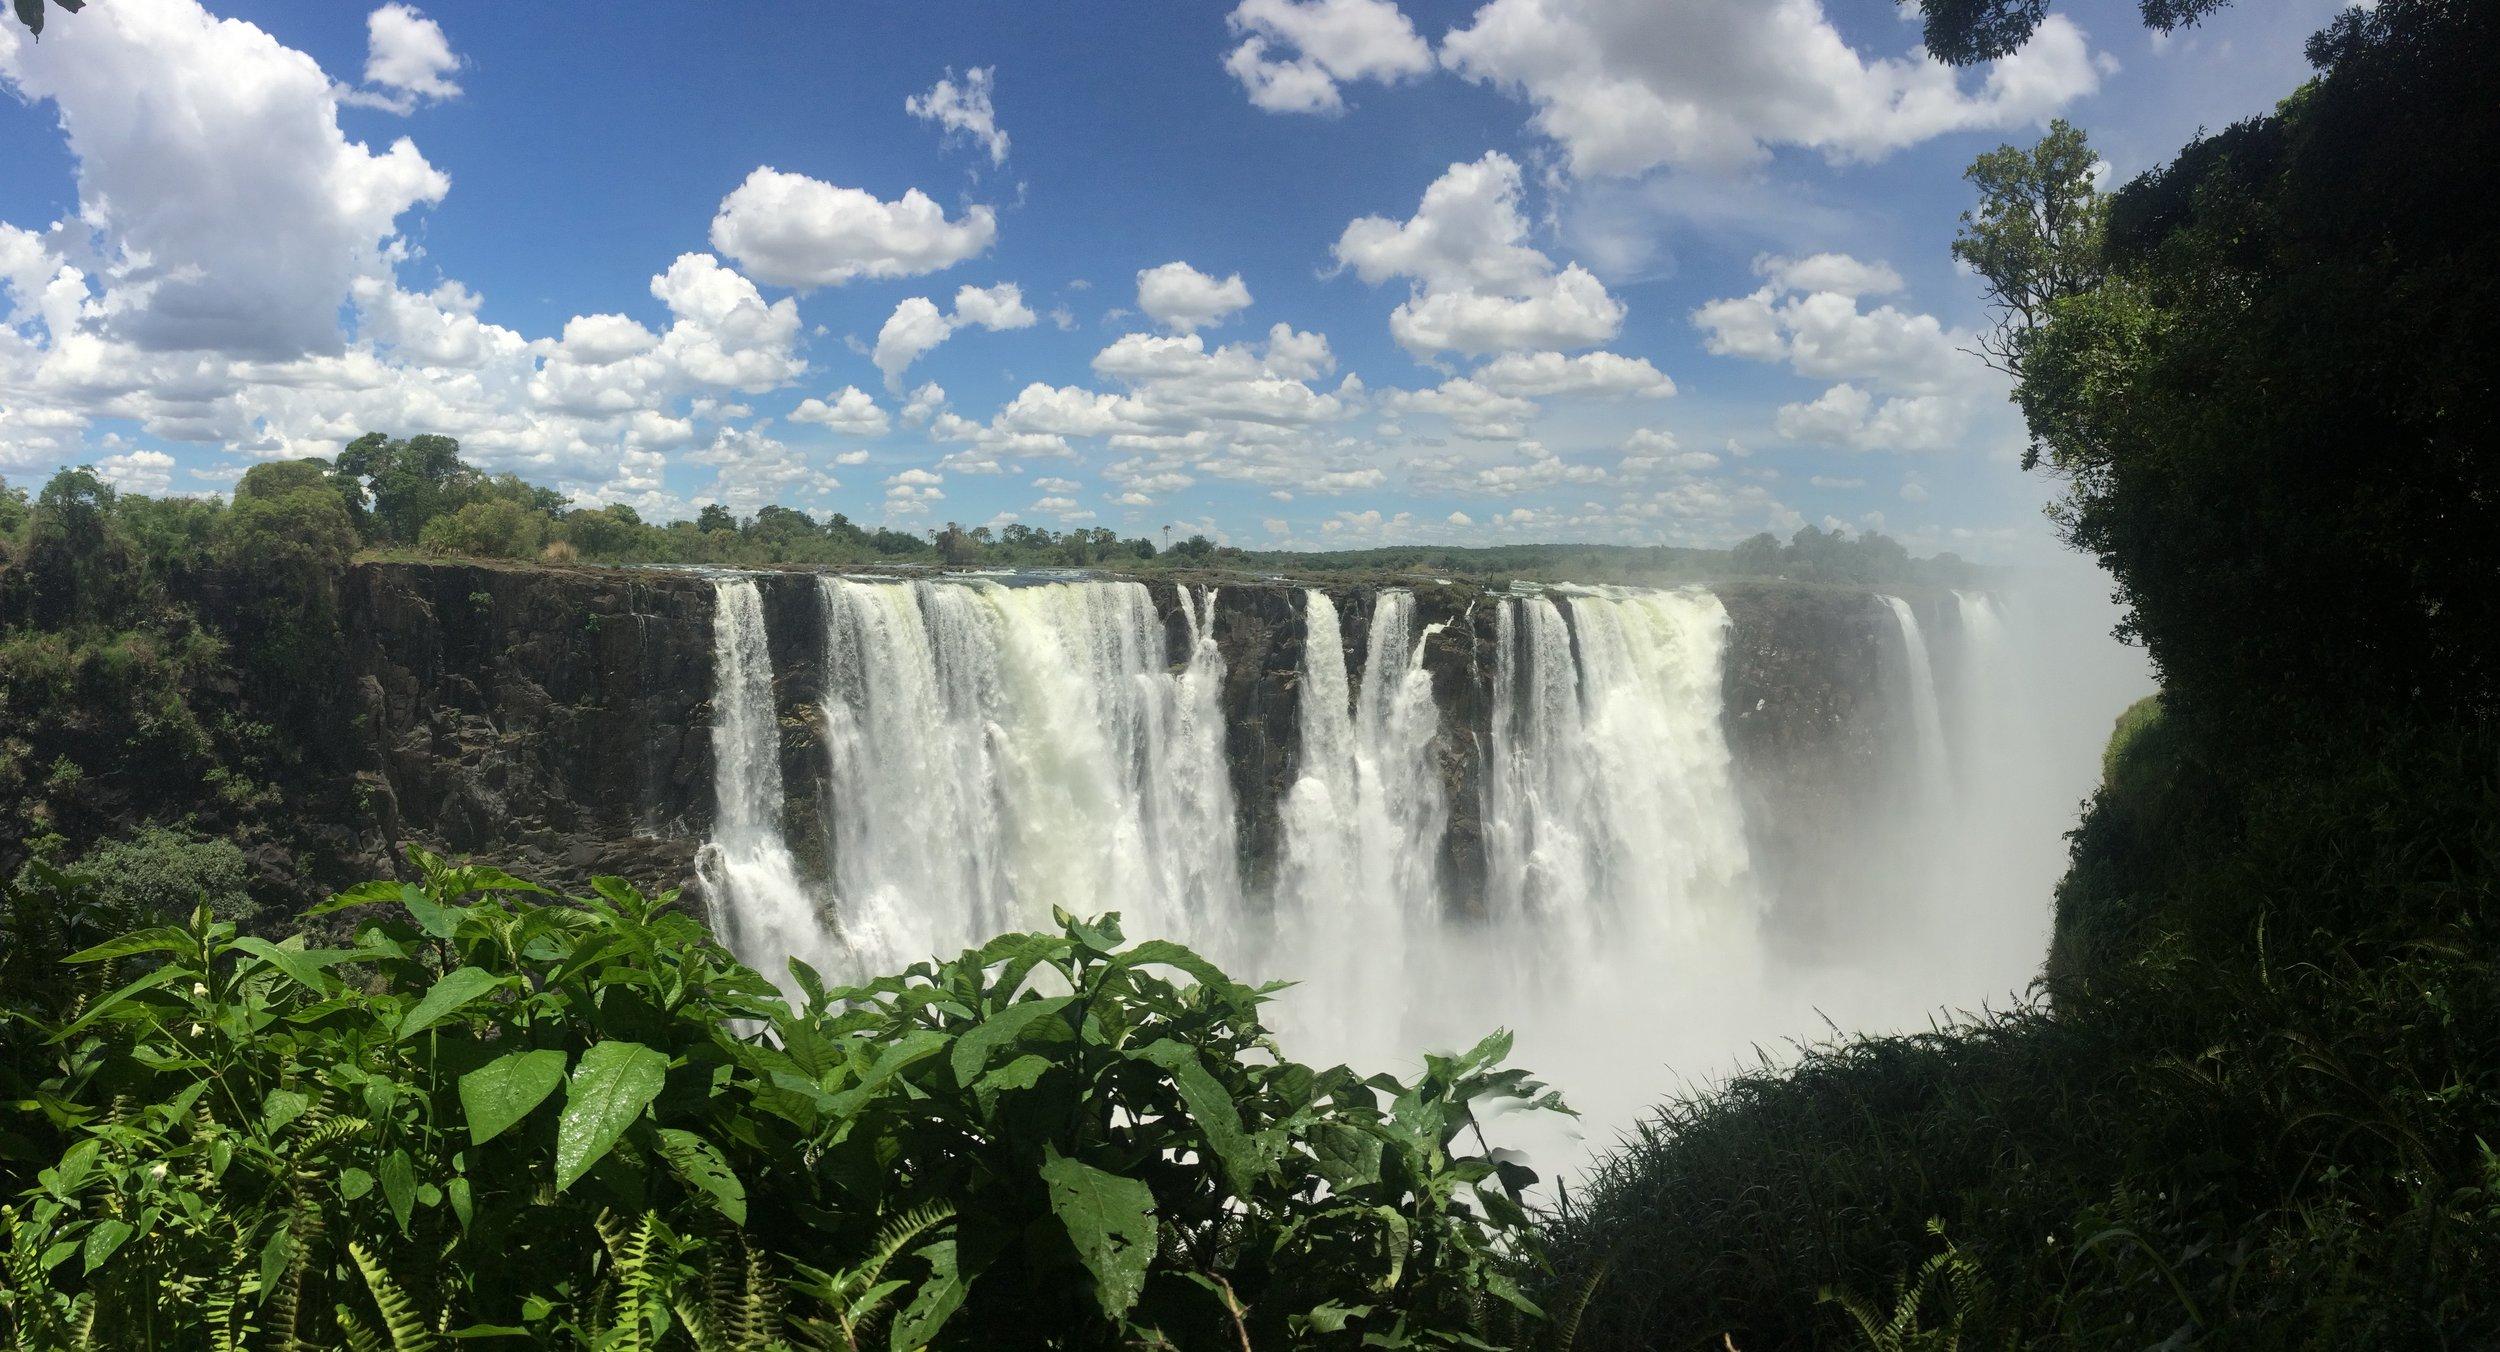 Victoria Falls - main falls